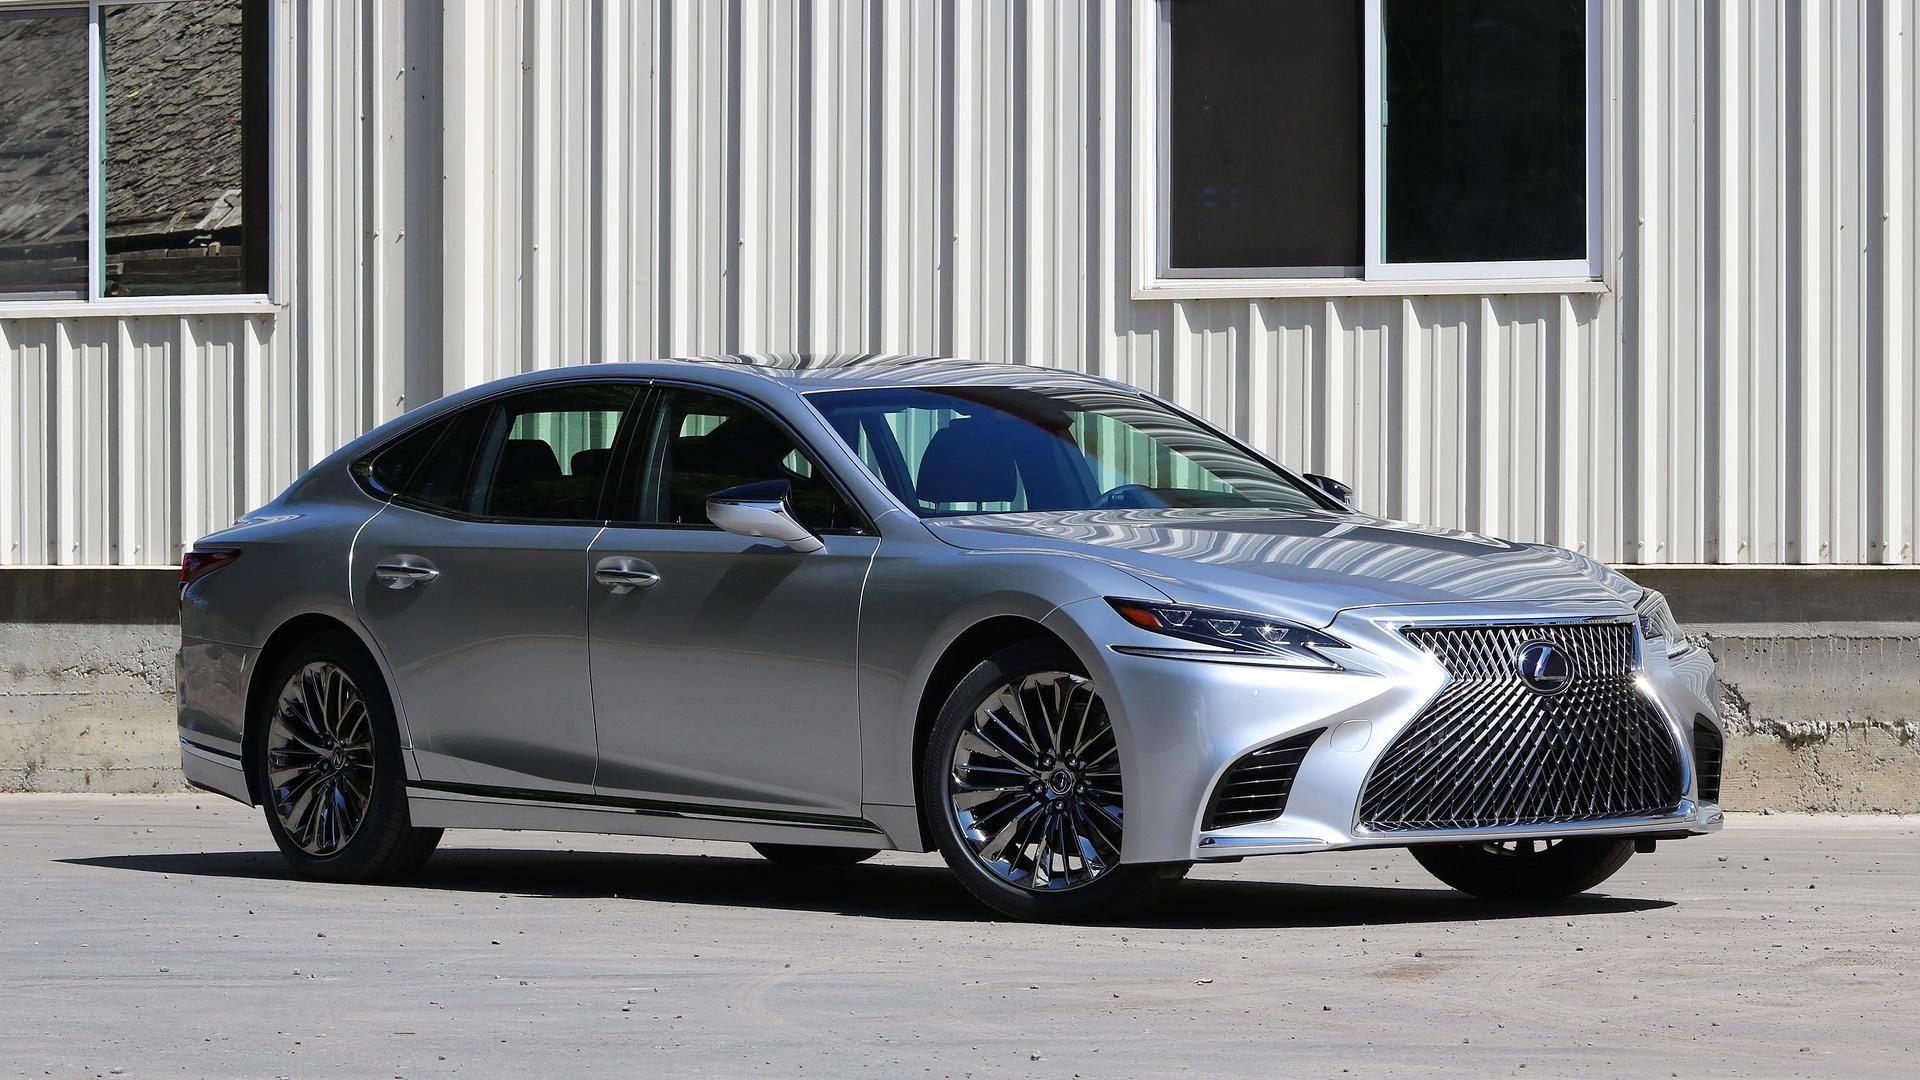 The 2020 Lexus LS 500 Specs and Review Lexus ls, Lexus